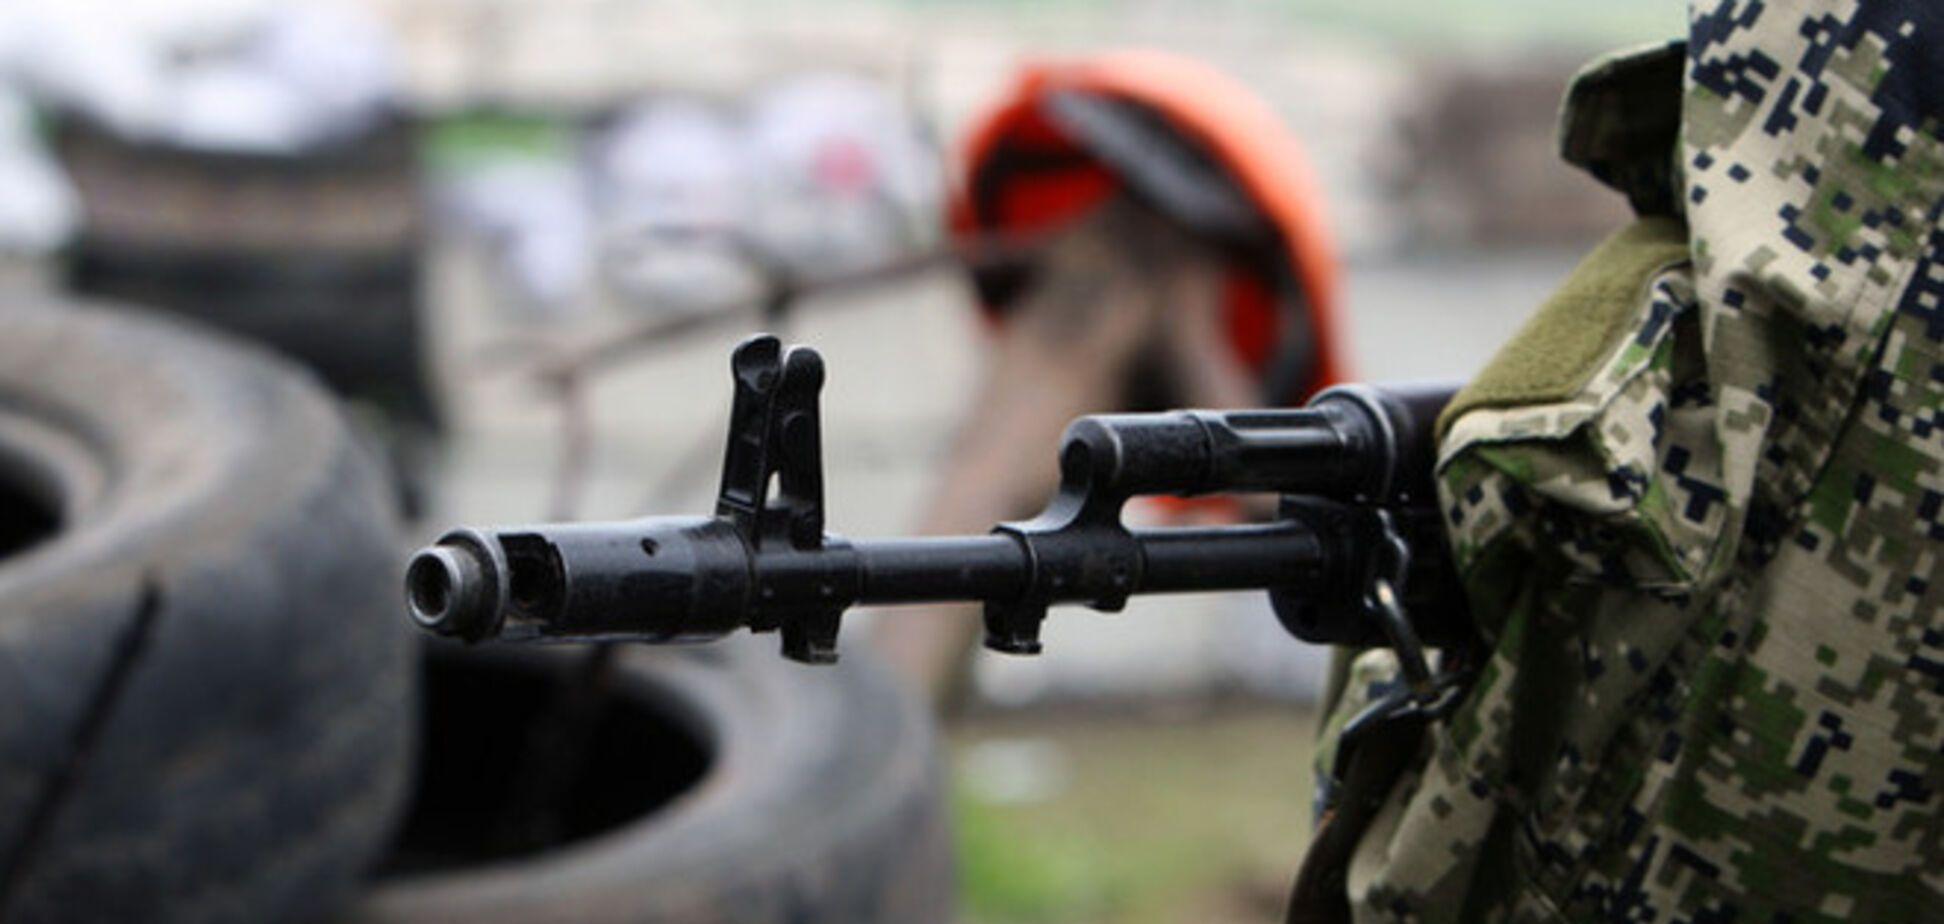 Украинские бойцы попали в плен террористов - Селезнев